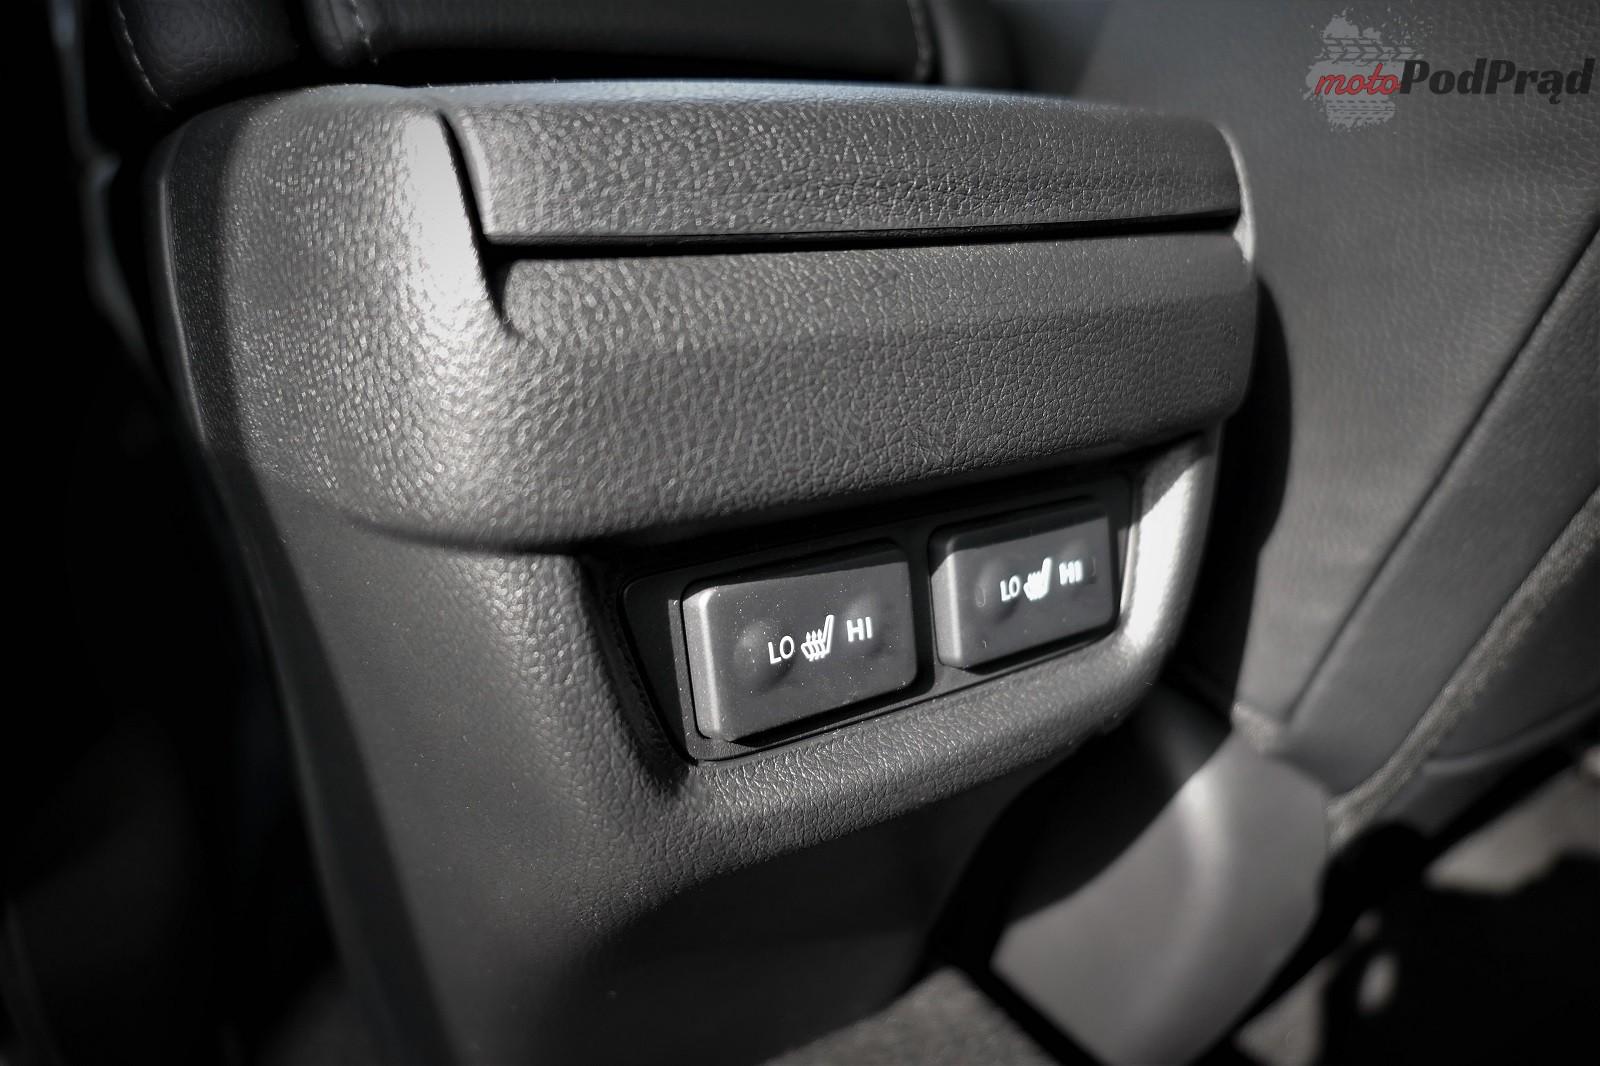 Honda Civix X Sedan 19 10 rzeczy, które zaskakują w Hondzie Civic